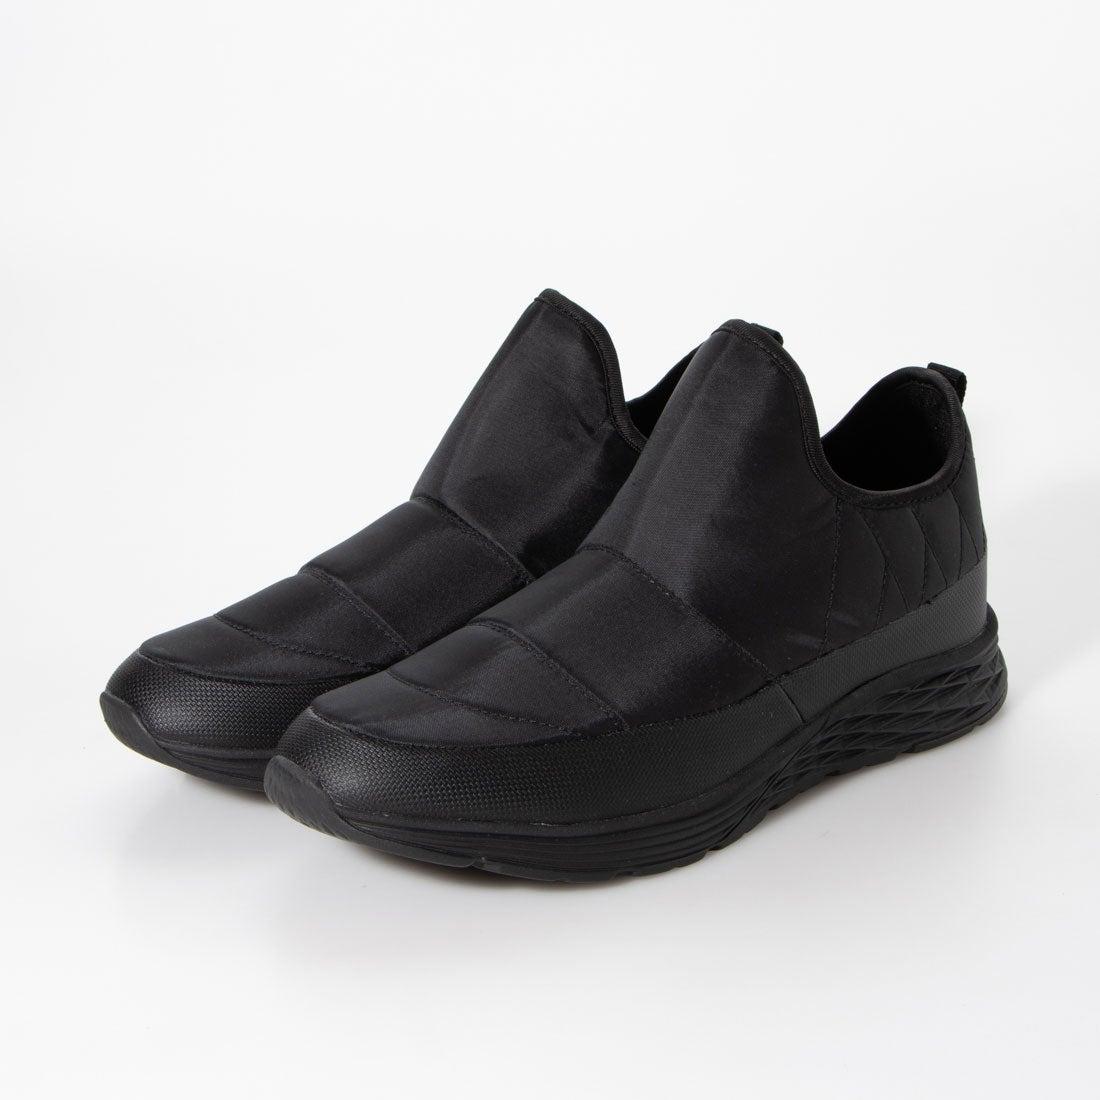 ロコンド 靴とファッションの通販サイトスタイルブロック STYLEBLOCK 難燃素材アウトドアシューズ (ブラック)